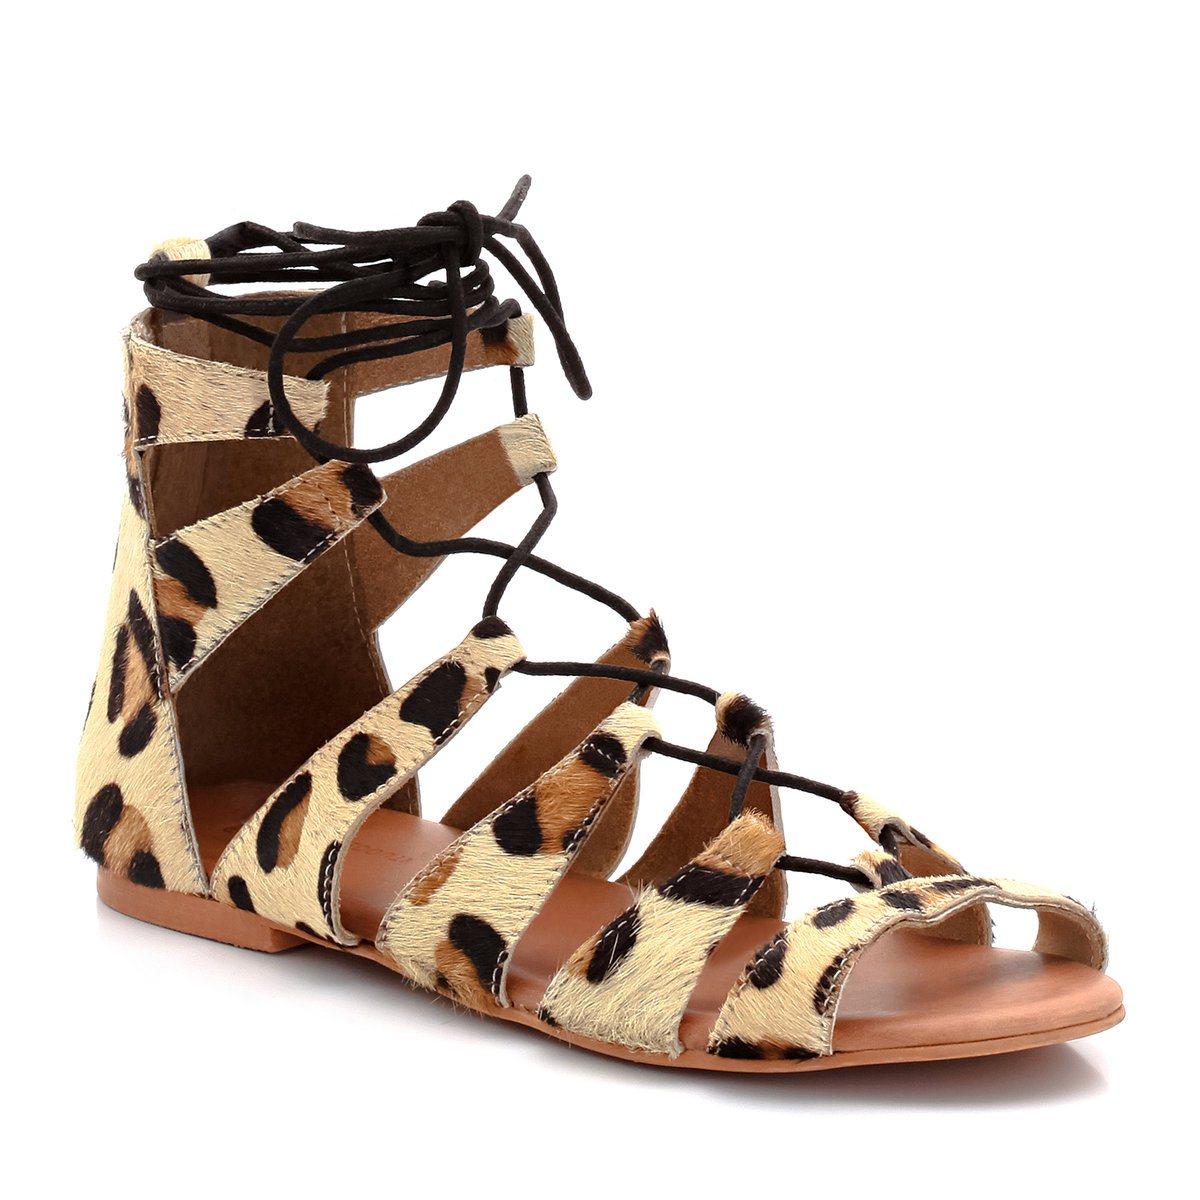 elblogdeanasuero,sandalias romanas,La Redoute bajas pelo de leopardo